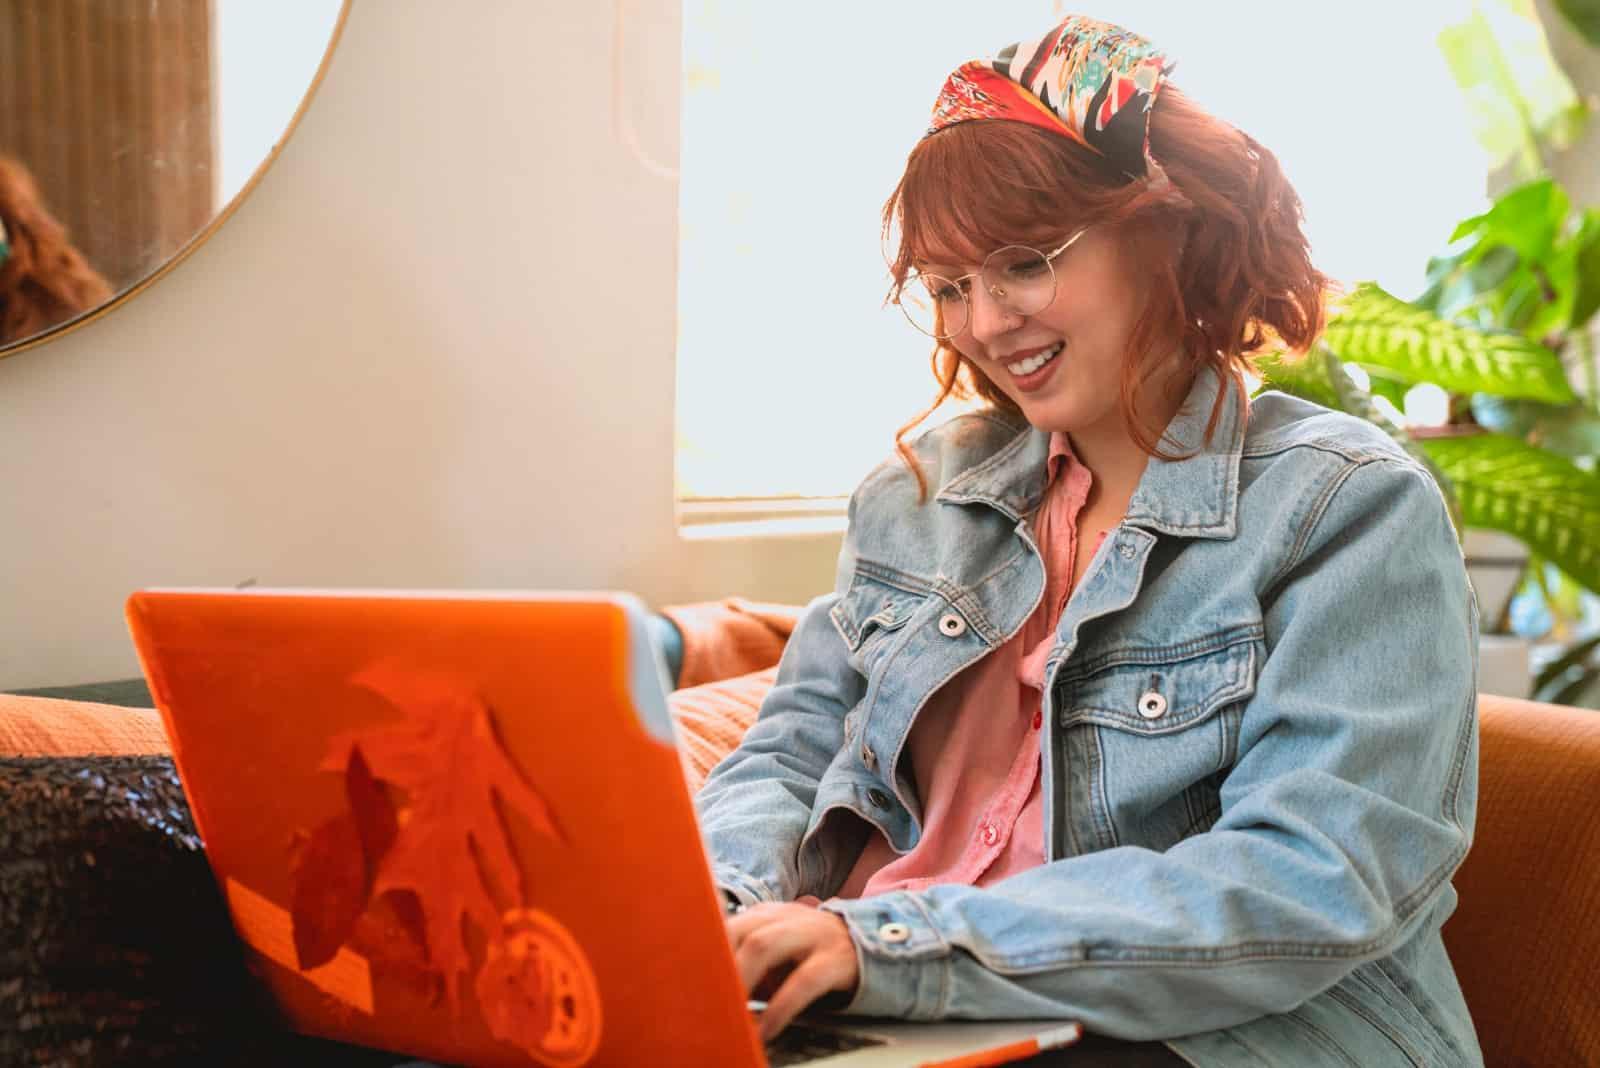 Femme heureuse utilisant un ordinateur portable, assise sur un canapé